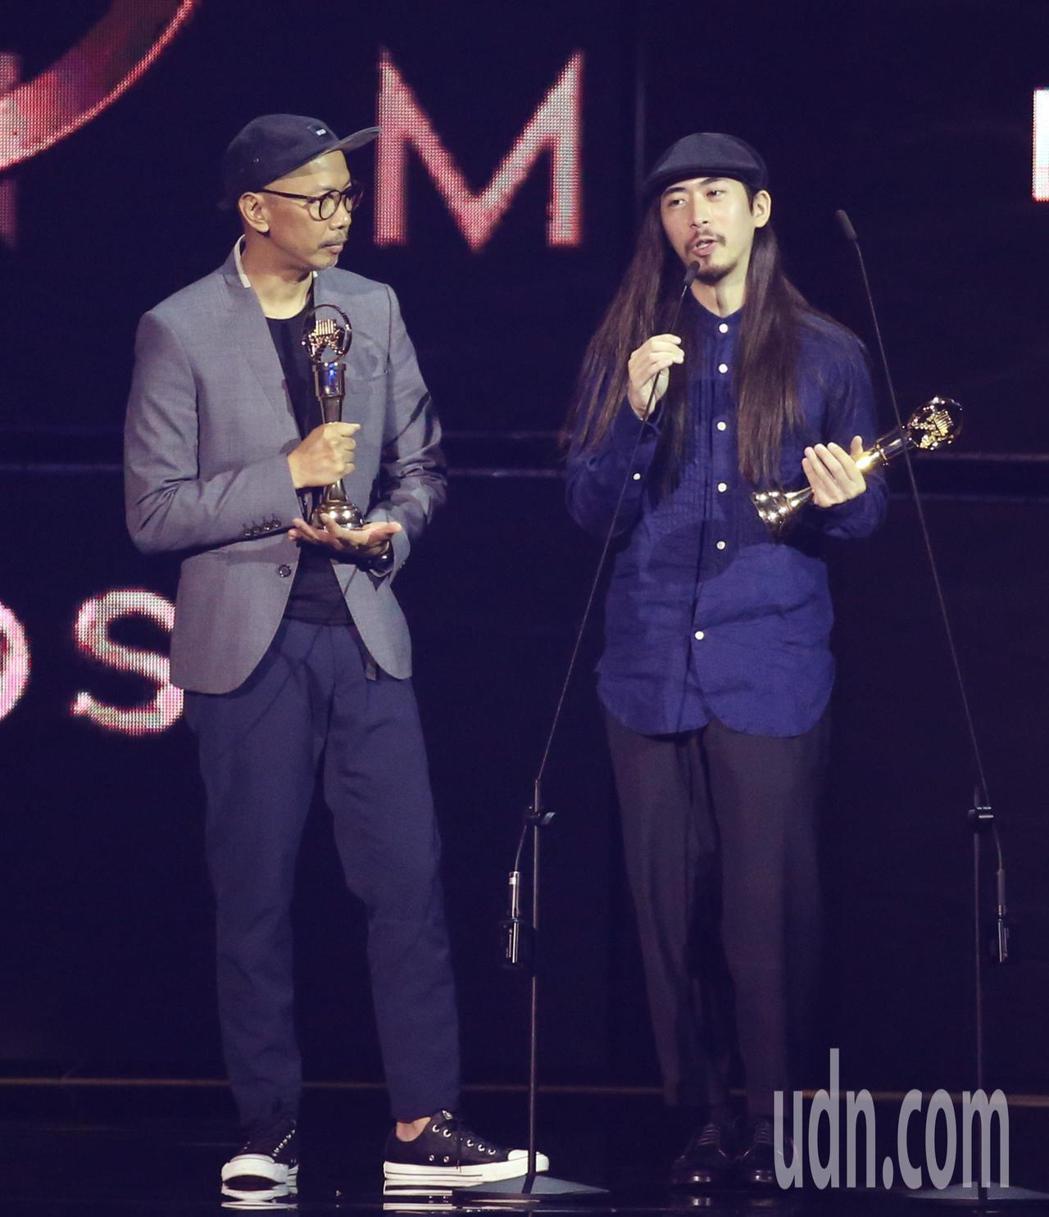 第30屆金曲獎,最佳裝幀設計獎由黃家賢(左)、楊豐銘獲得。記者林伯東/攝影